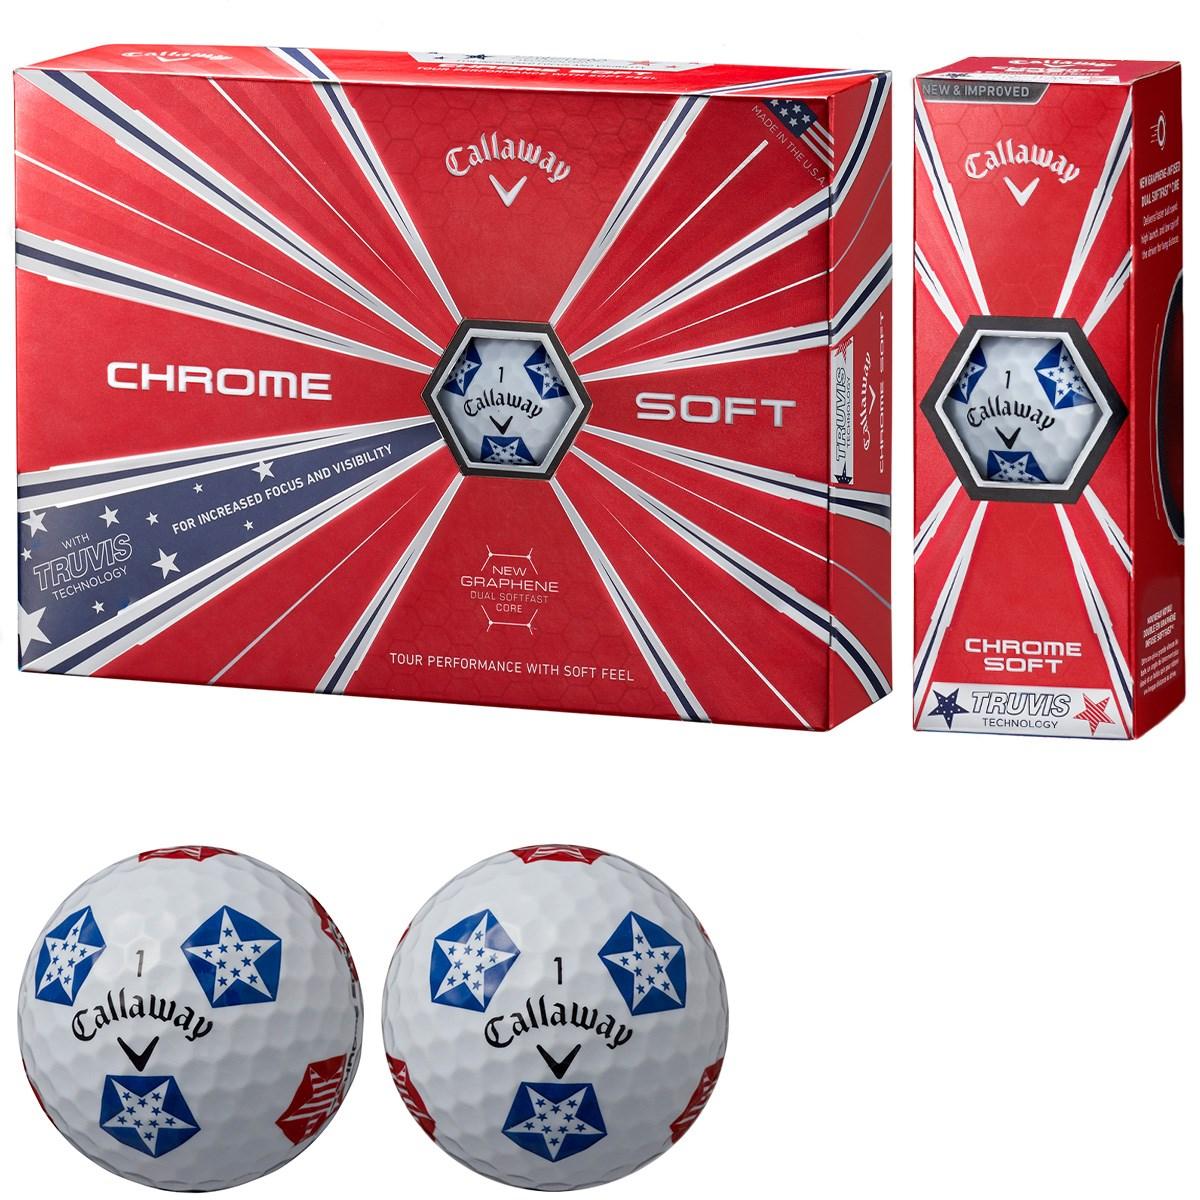 キャロウェイゴルフ(Callaway Golf) CHROME SOFT TRUVIS STARS/STRIPES ボール